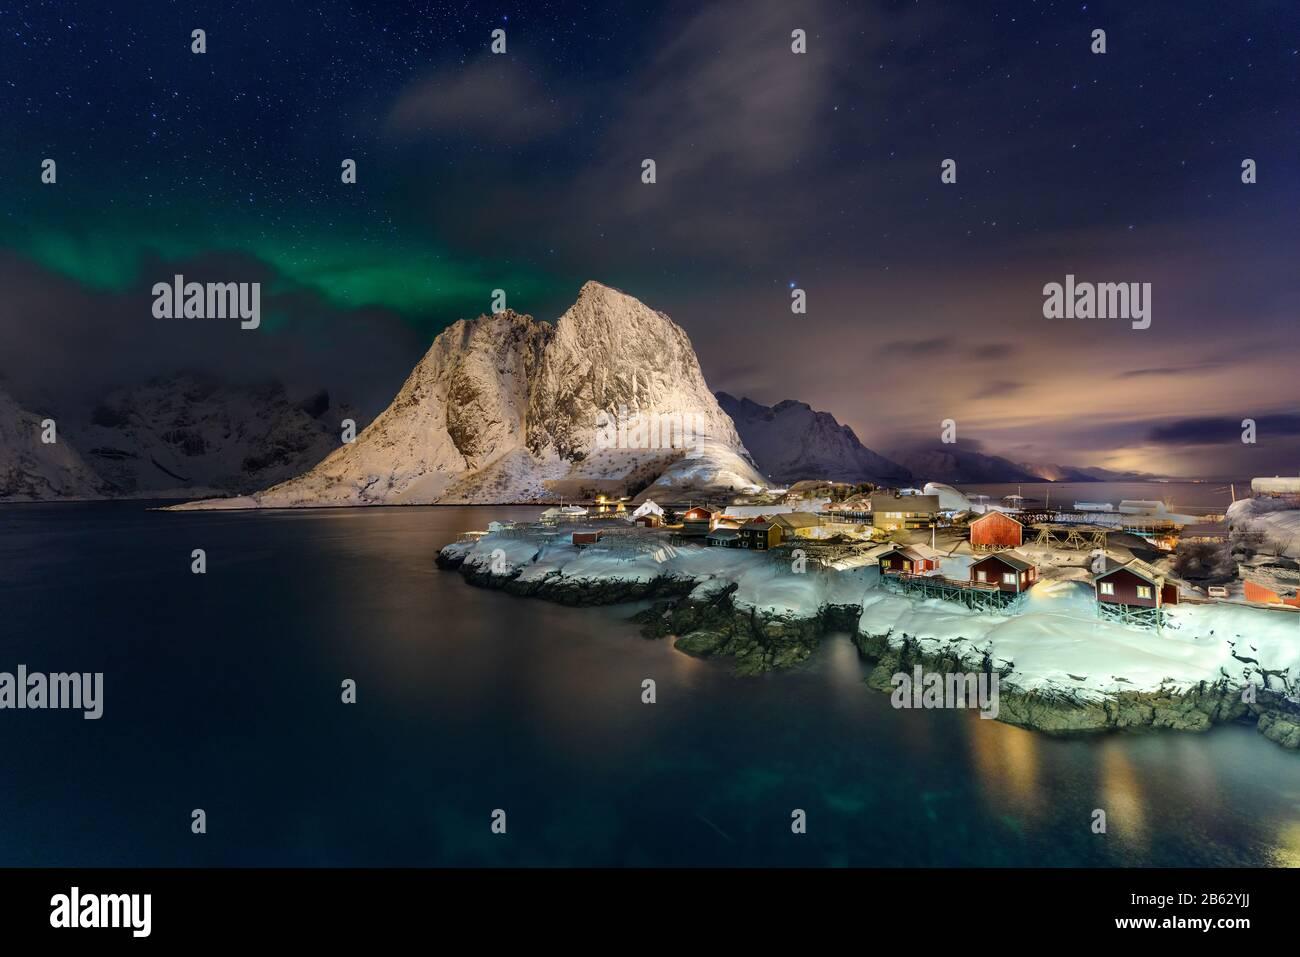 Hermosas Luces Del Norte En Hamnoy, Isla Lofoten En Noruega. Aurora Boreal sobre el pequeño pueblo pesquero con sus tradicionales cabañas rojas. Majestuoso gr Foto de stock